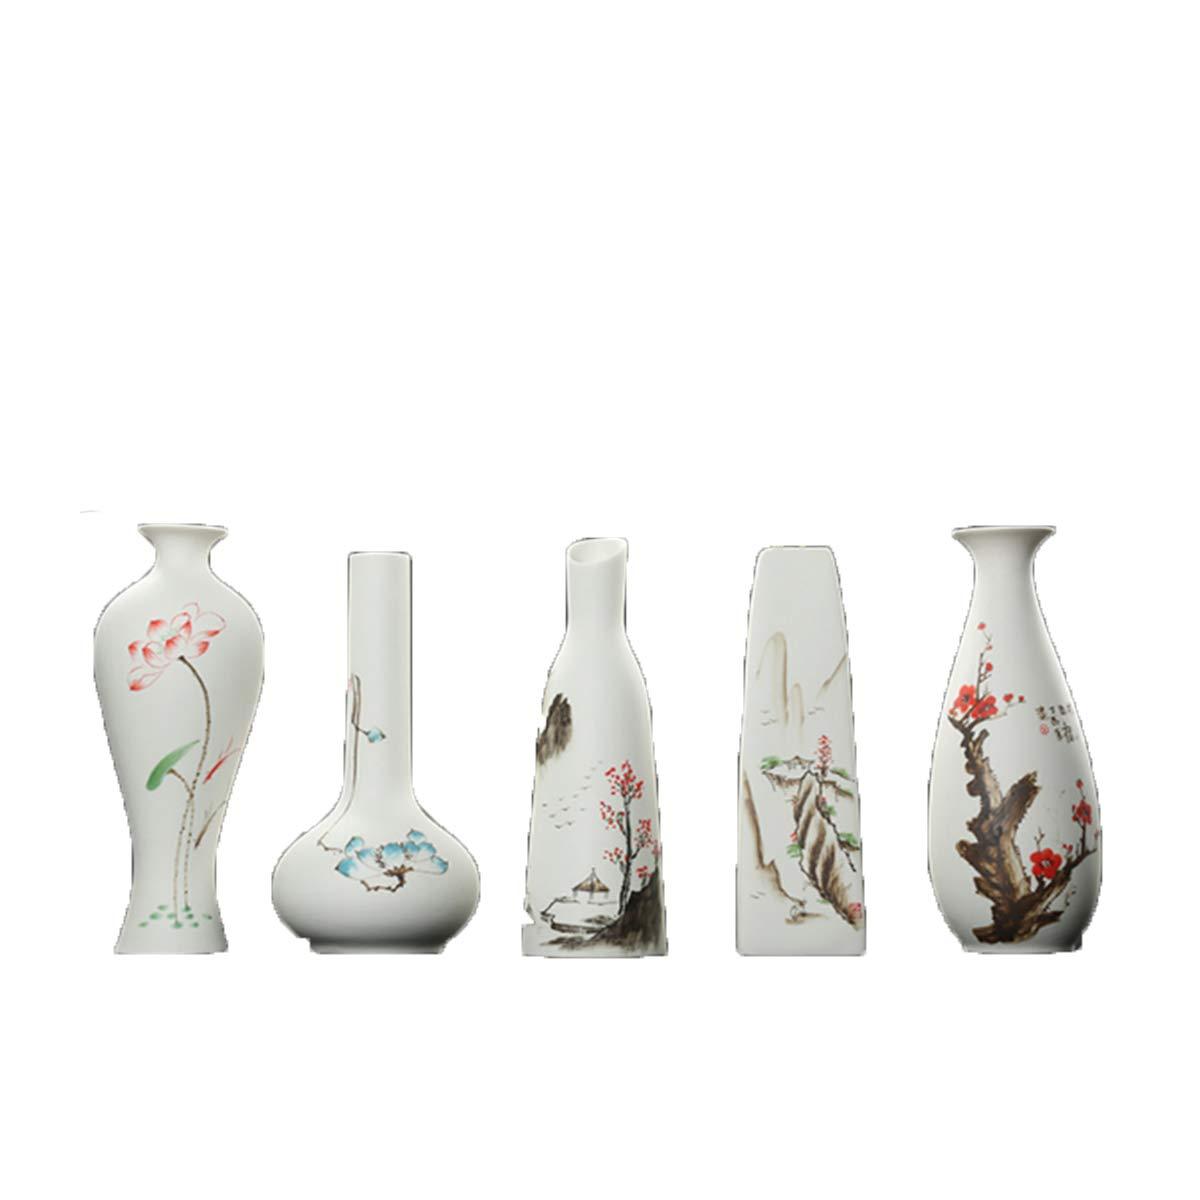 Amazon com: Haoyushangmao Manufacturers Produce Ceramic Hand